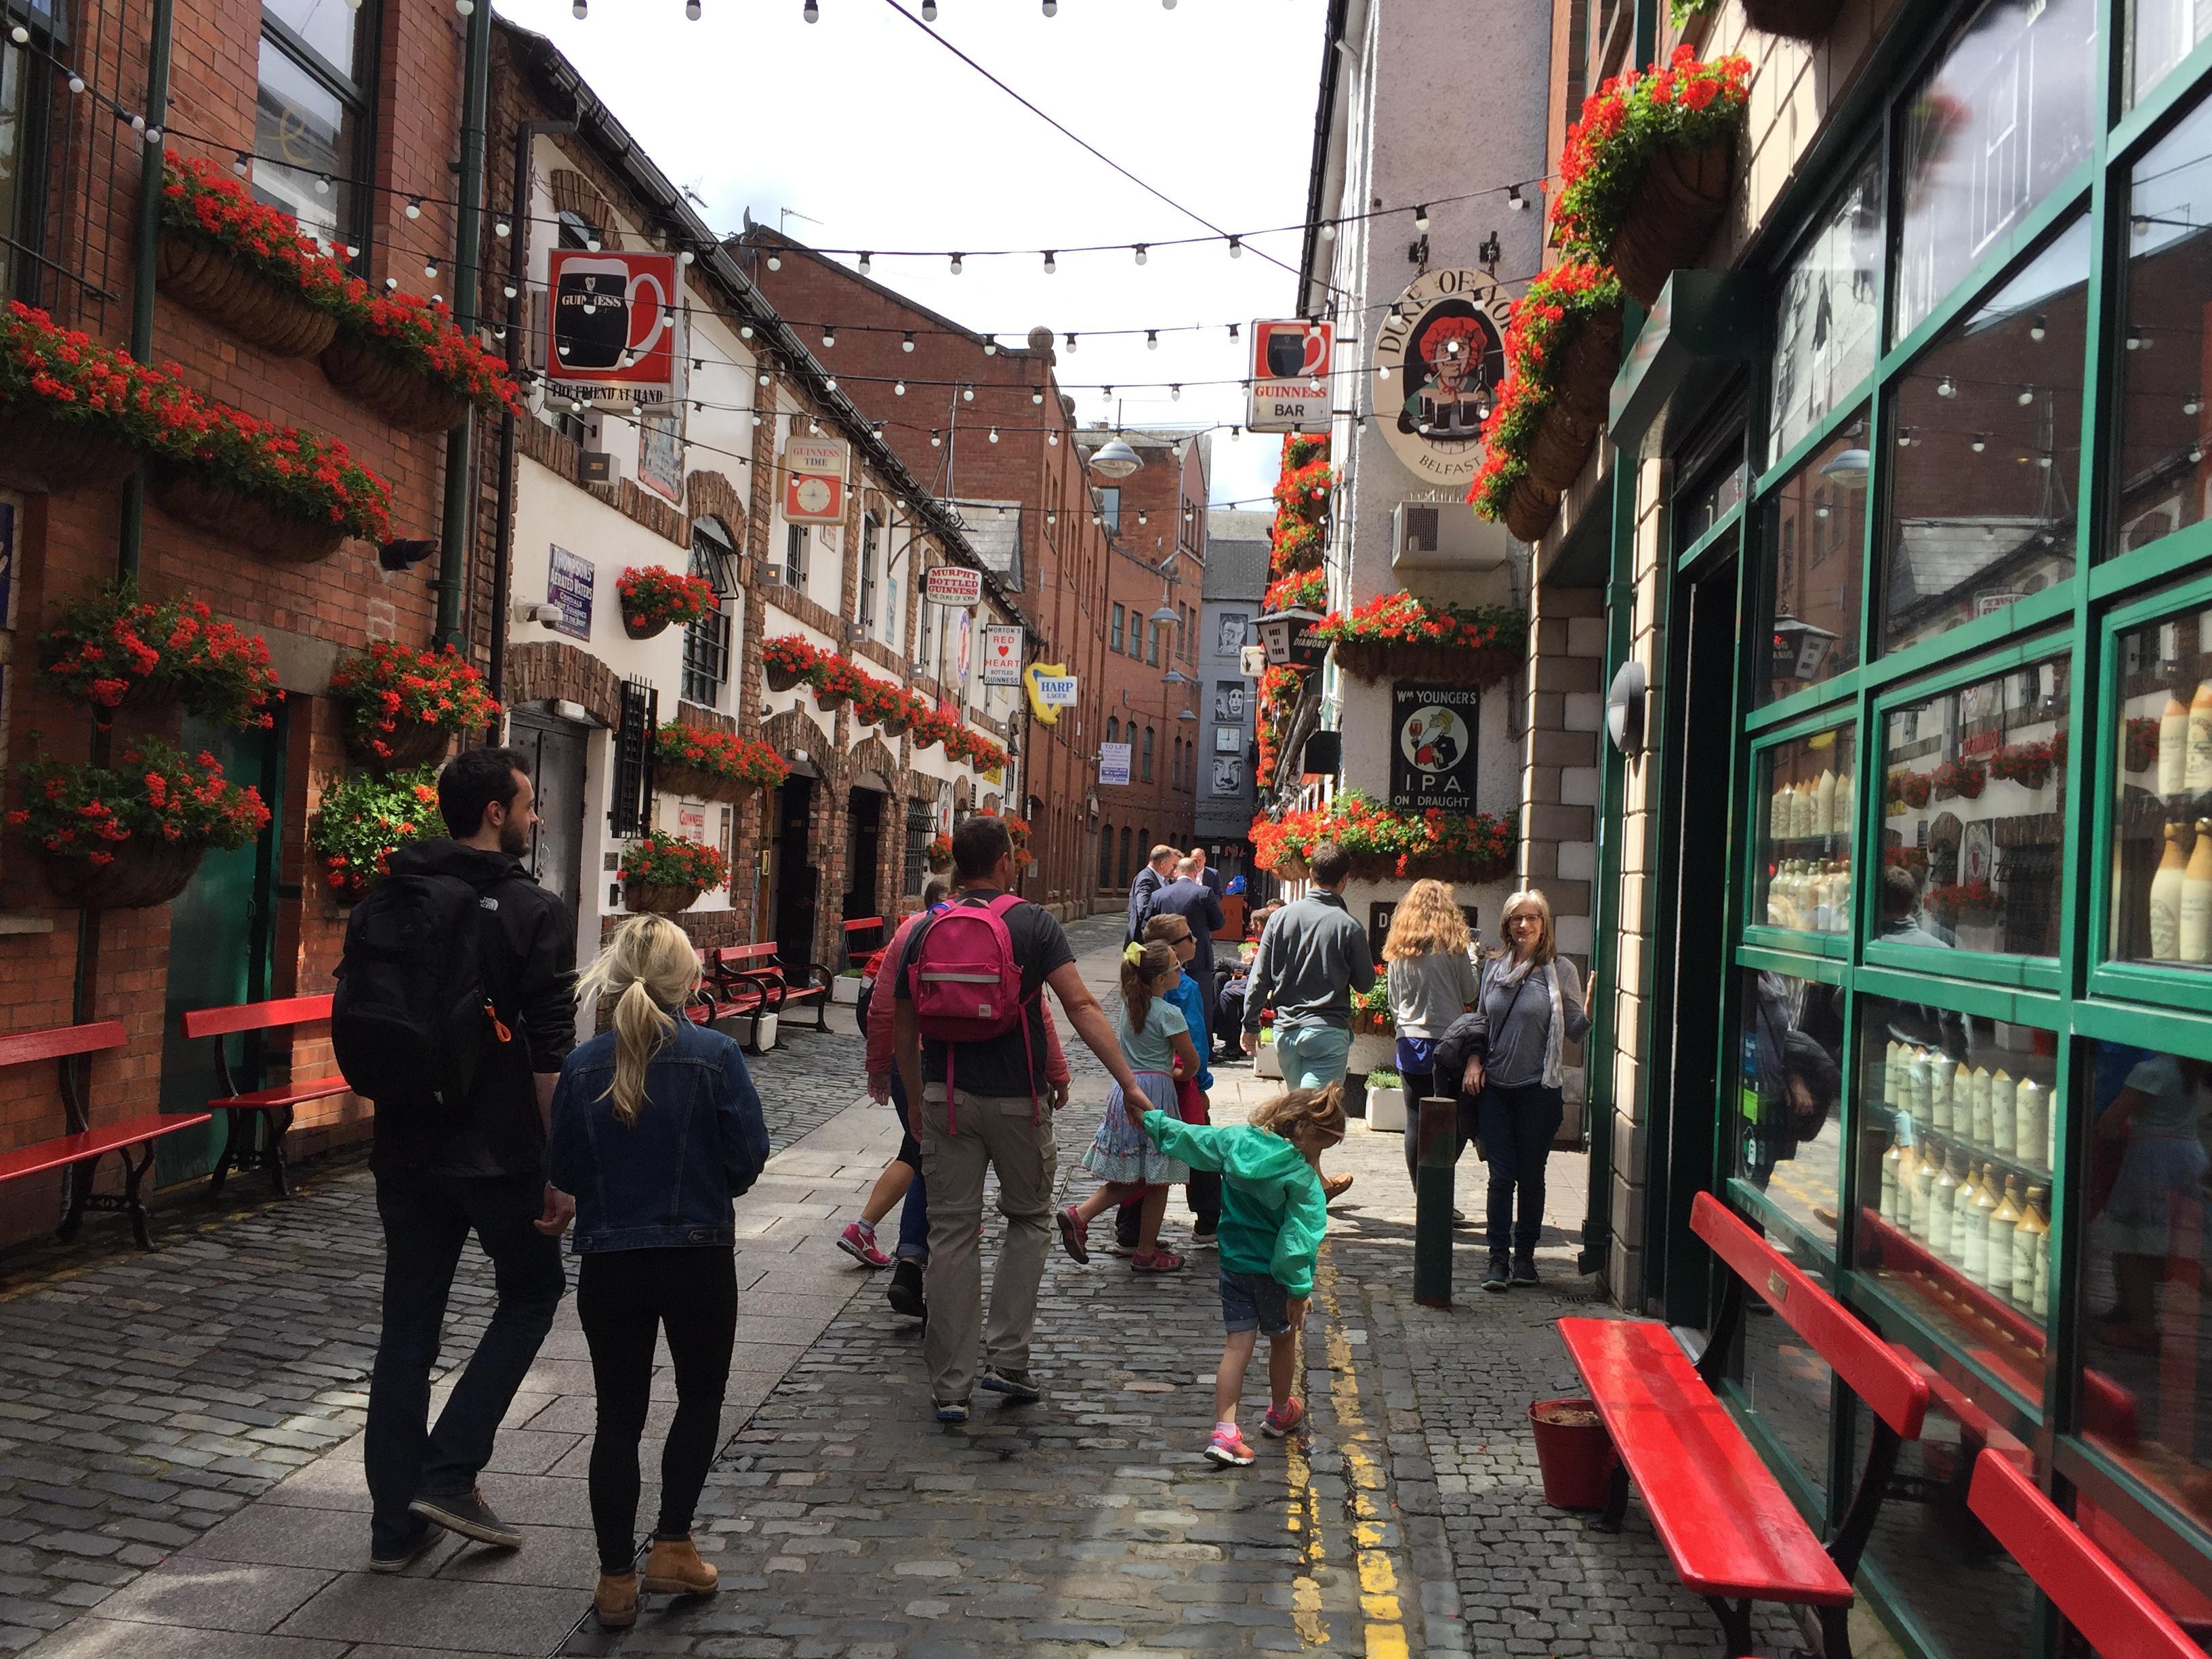 A Charming Street in Belfast